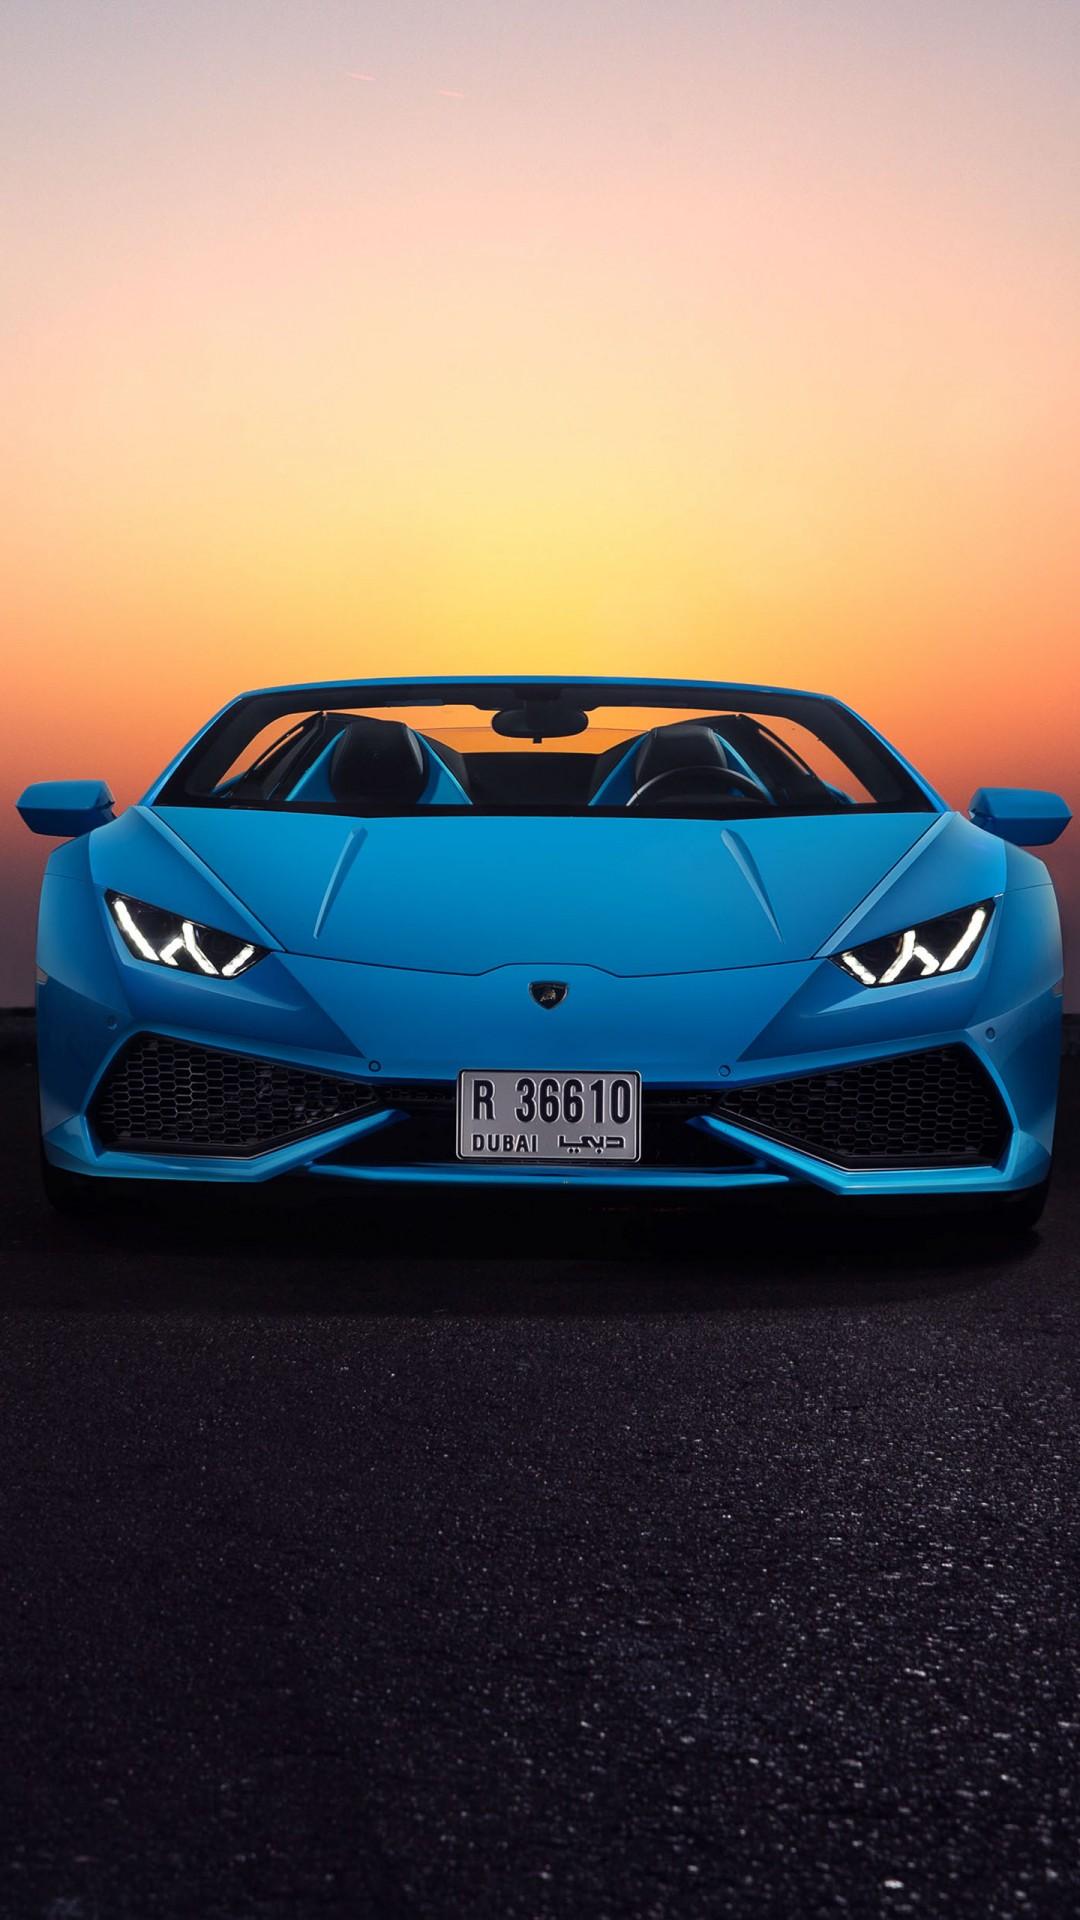 Lamborghini Huracan Iphone X 1080x1920 Download Hd Wallpaper Wallpapertip